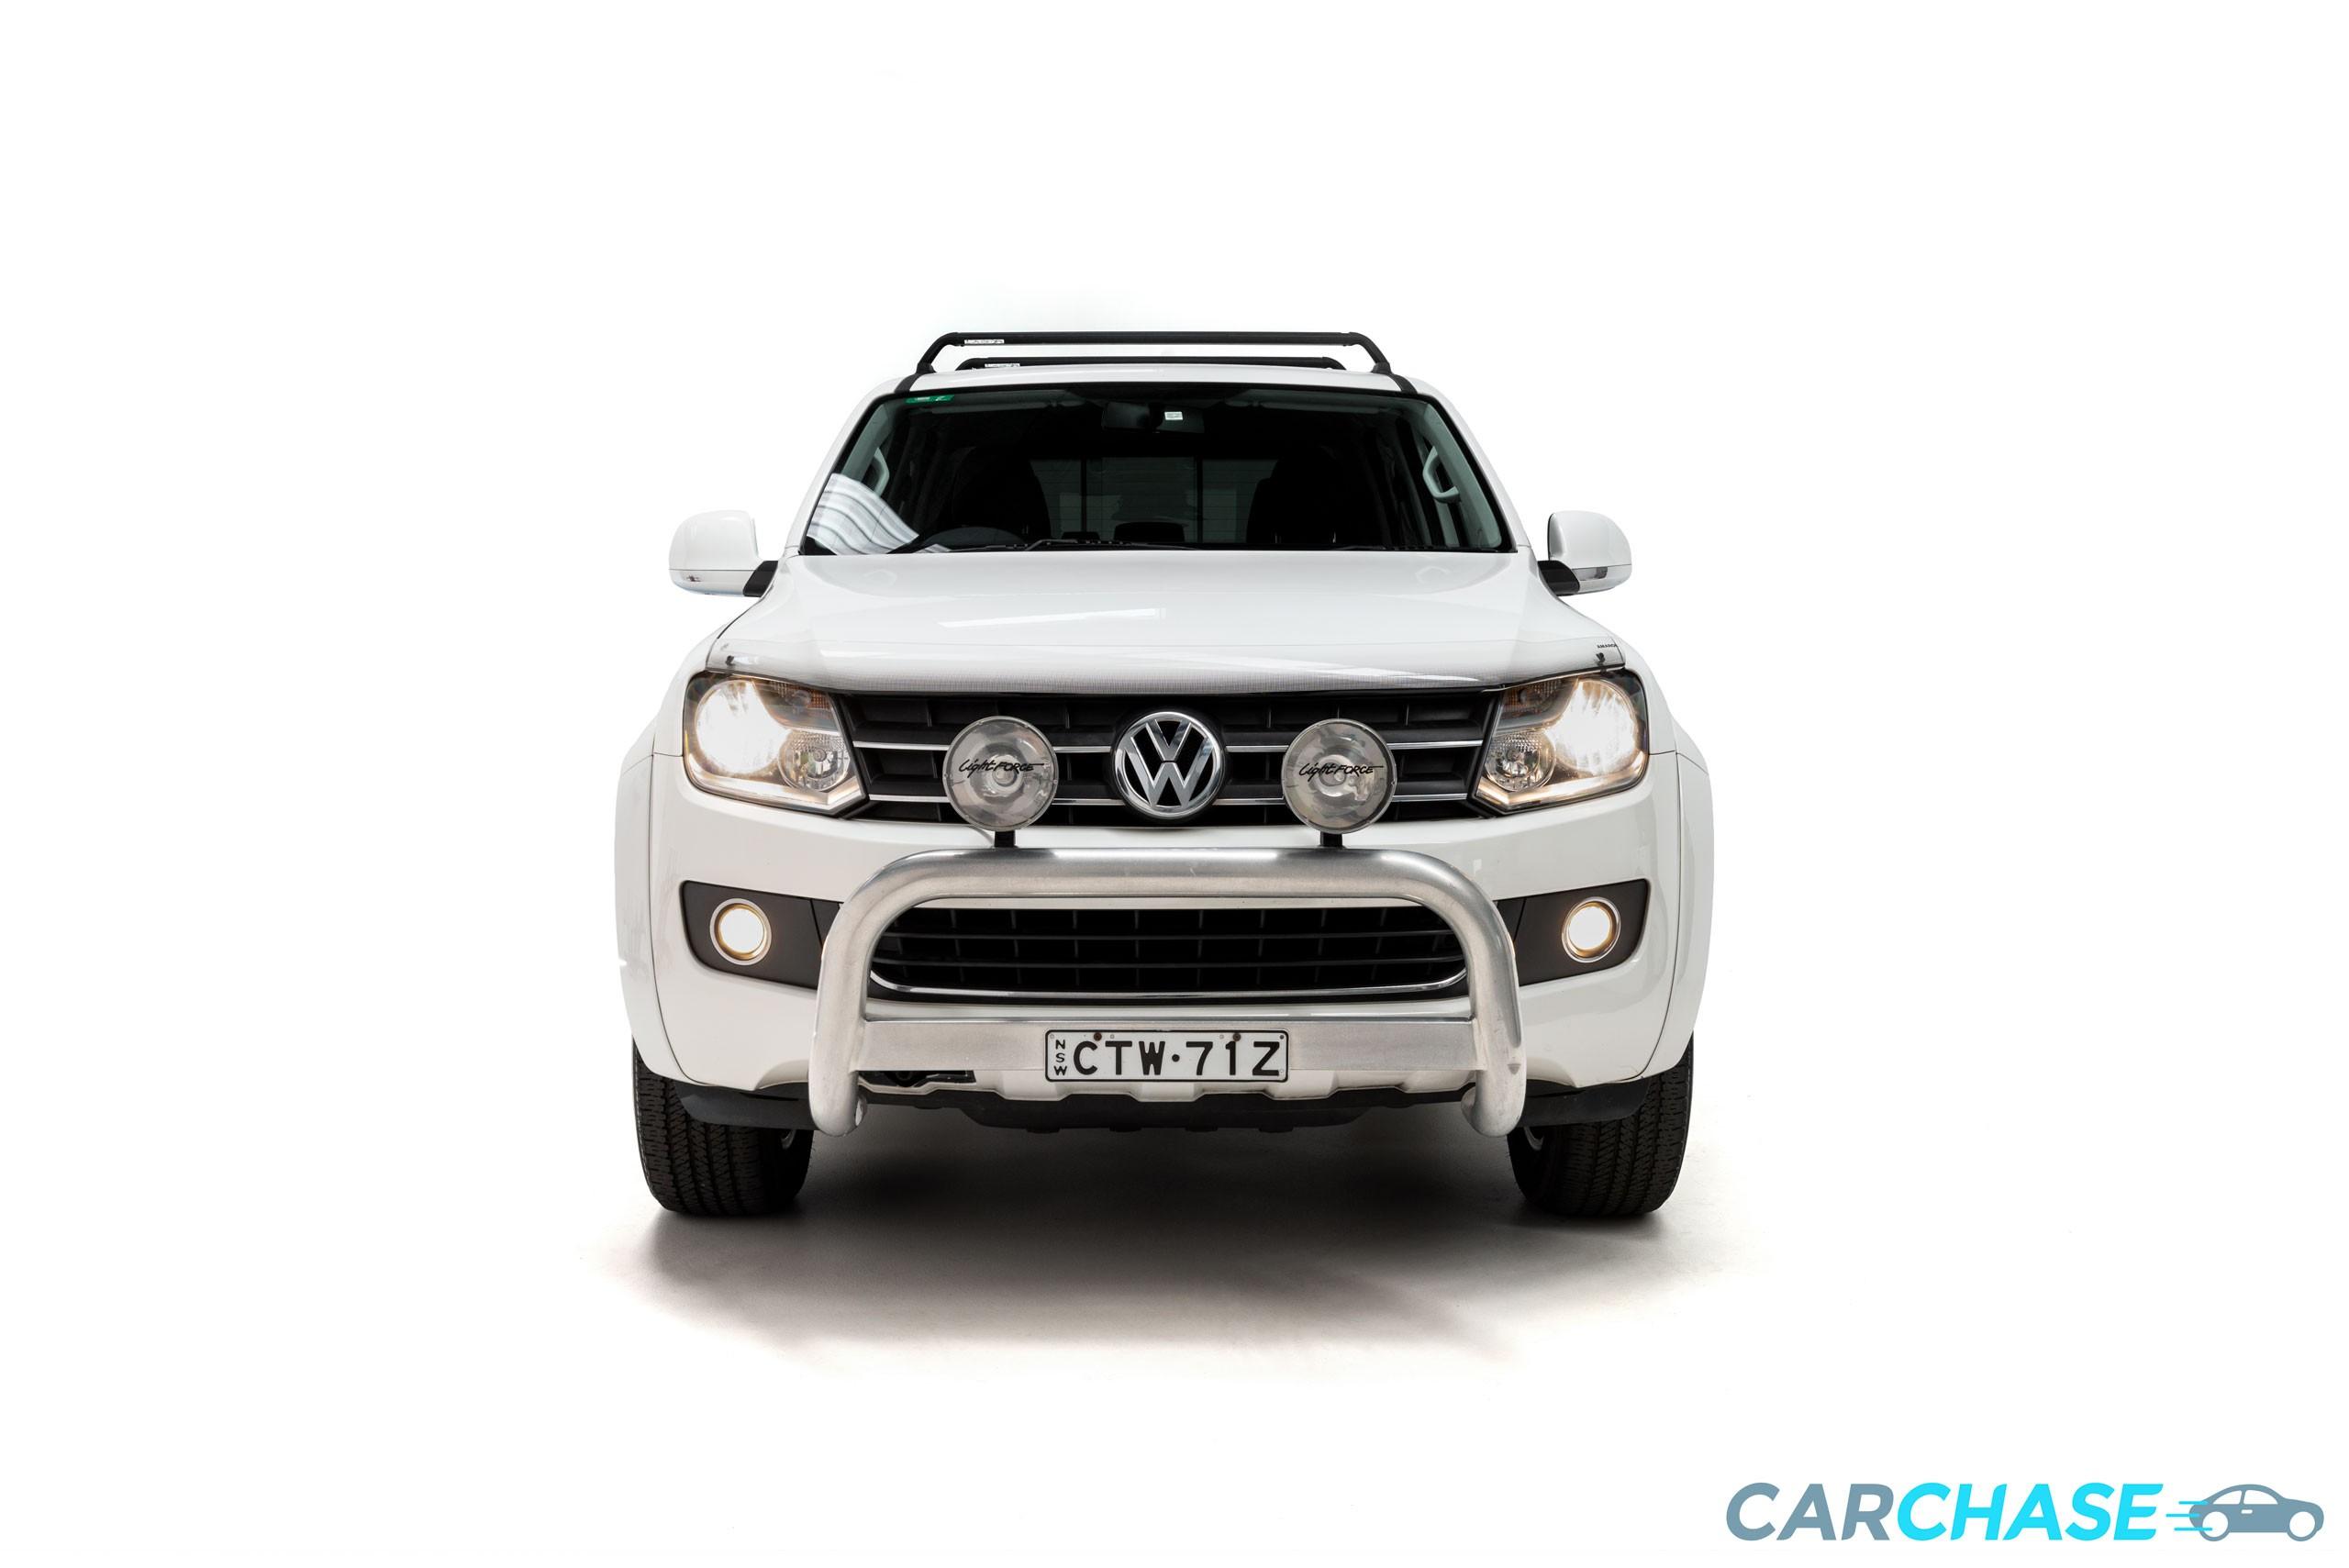 Image of front profile of 2012 Volkswagen Amarok TDI400 Highline